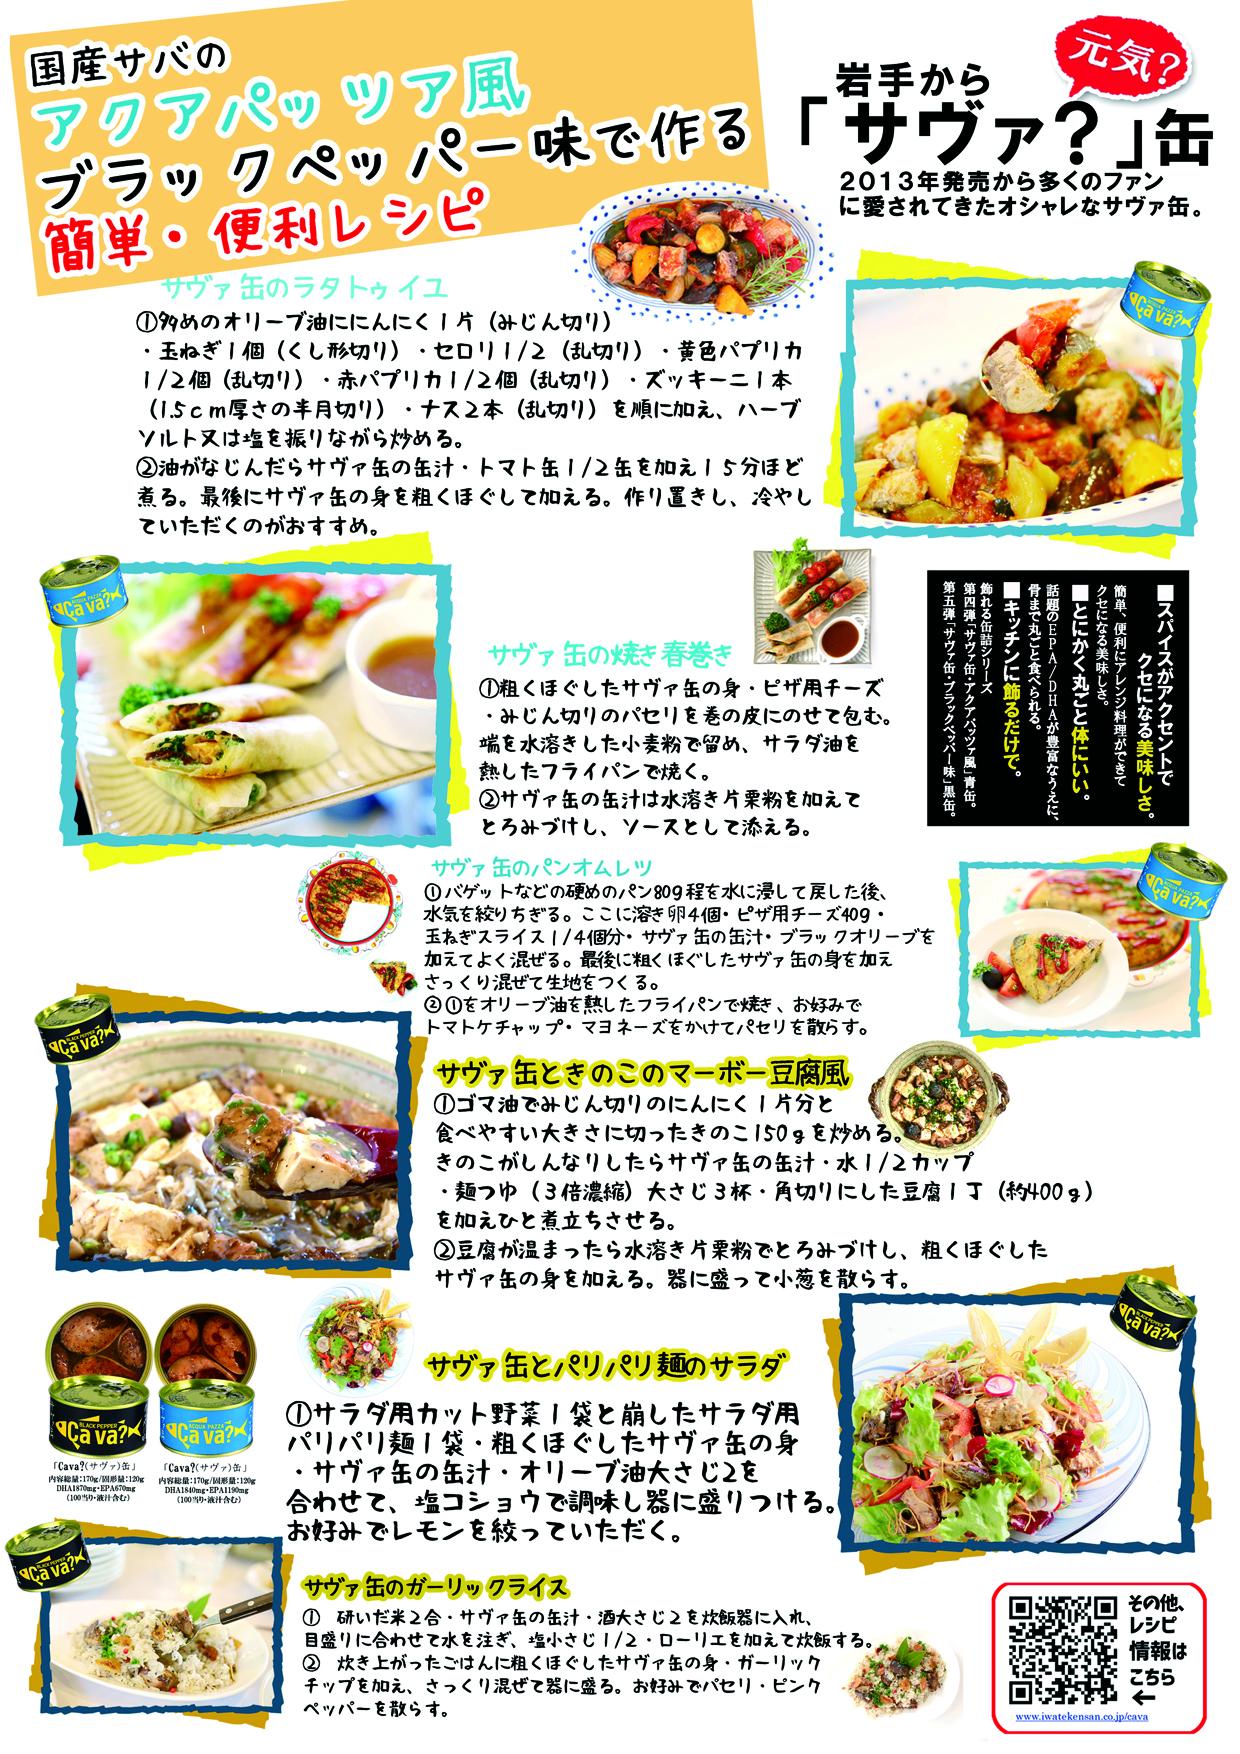 [岩手]サヴァ缶 国産サバのレモンバジル味の商品画像 (3)